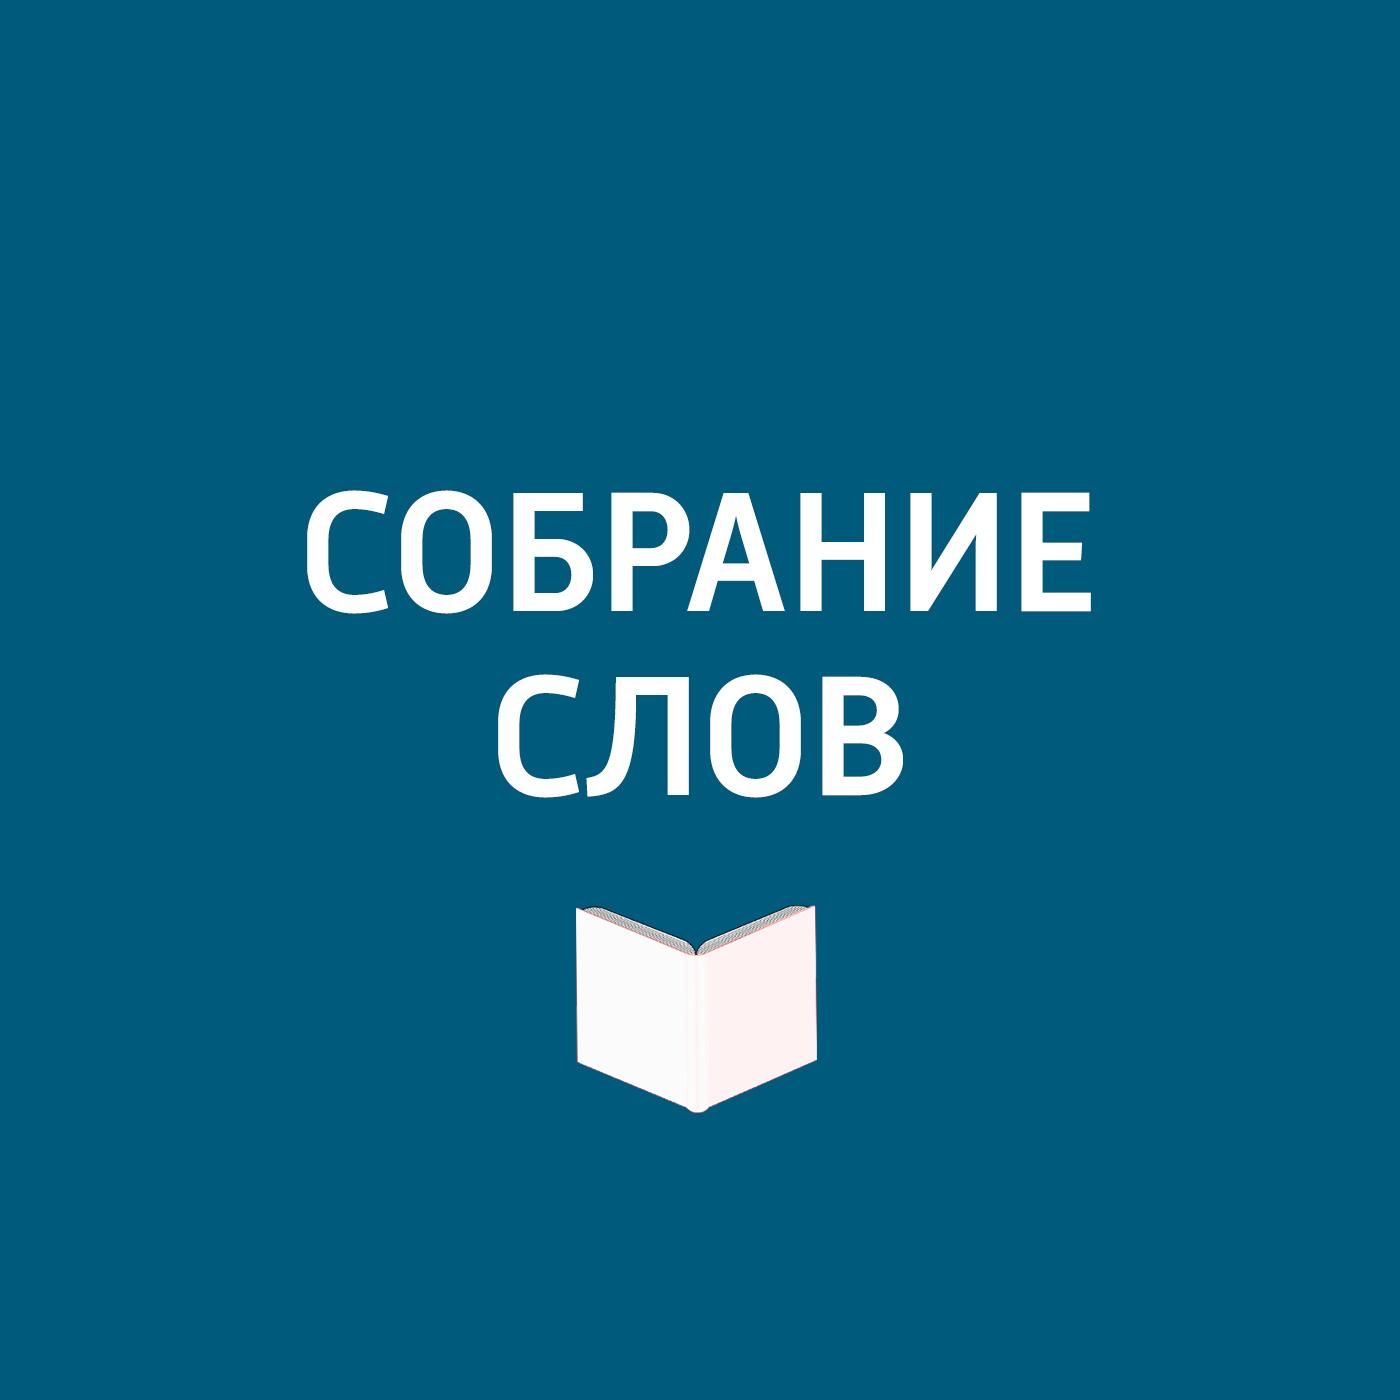 27 декабря Павлу Третьякову - основателю Третьяковской галереи - исполняется 185 лет!